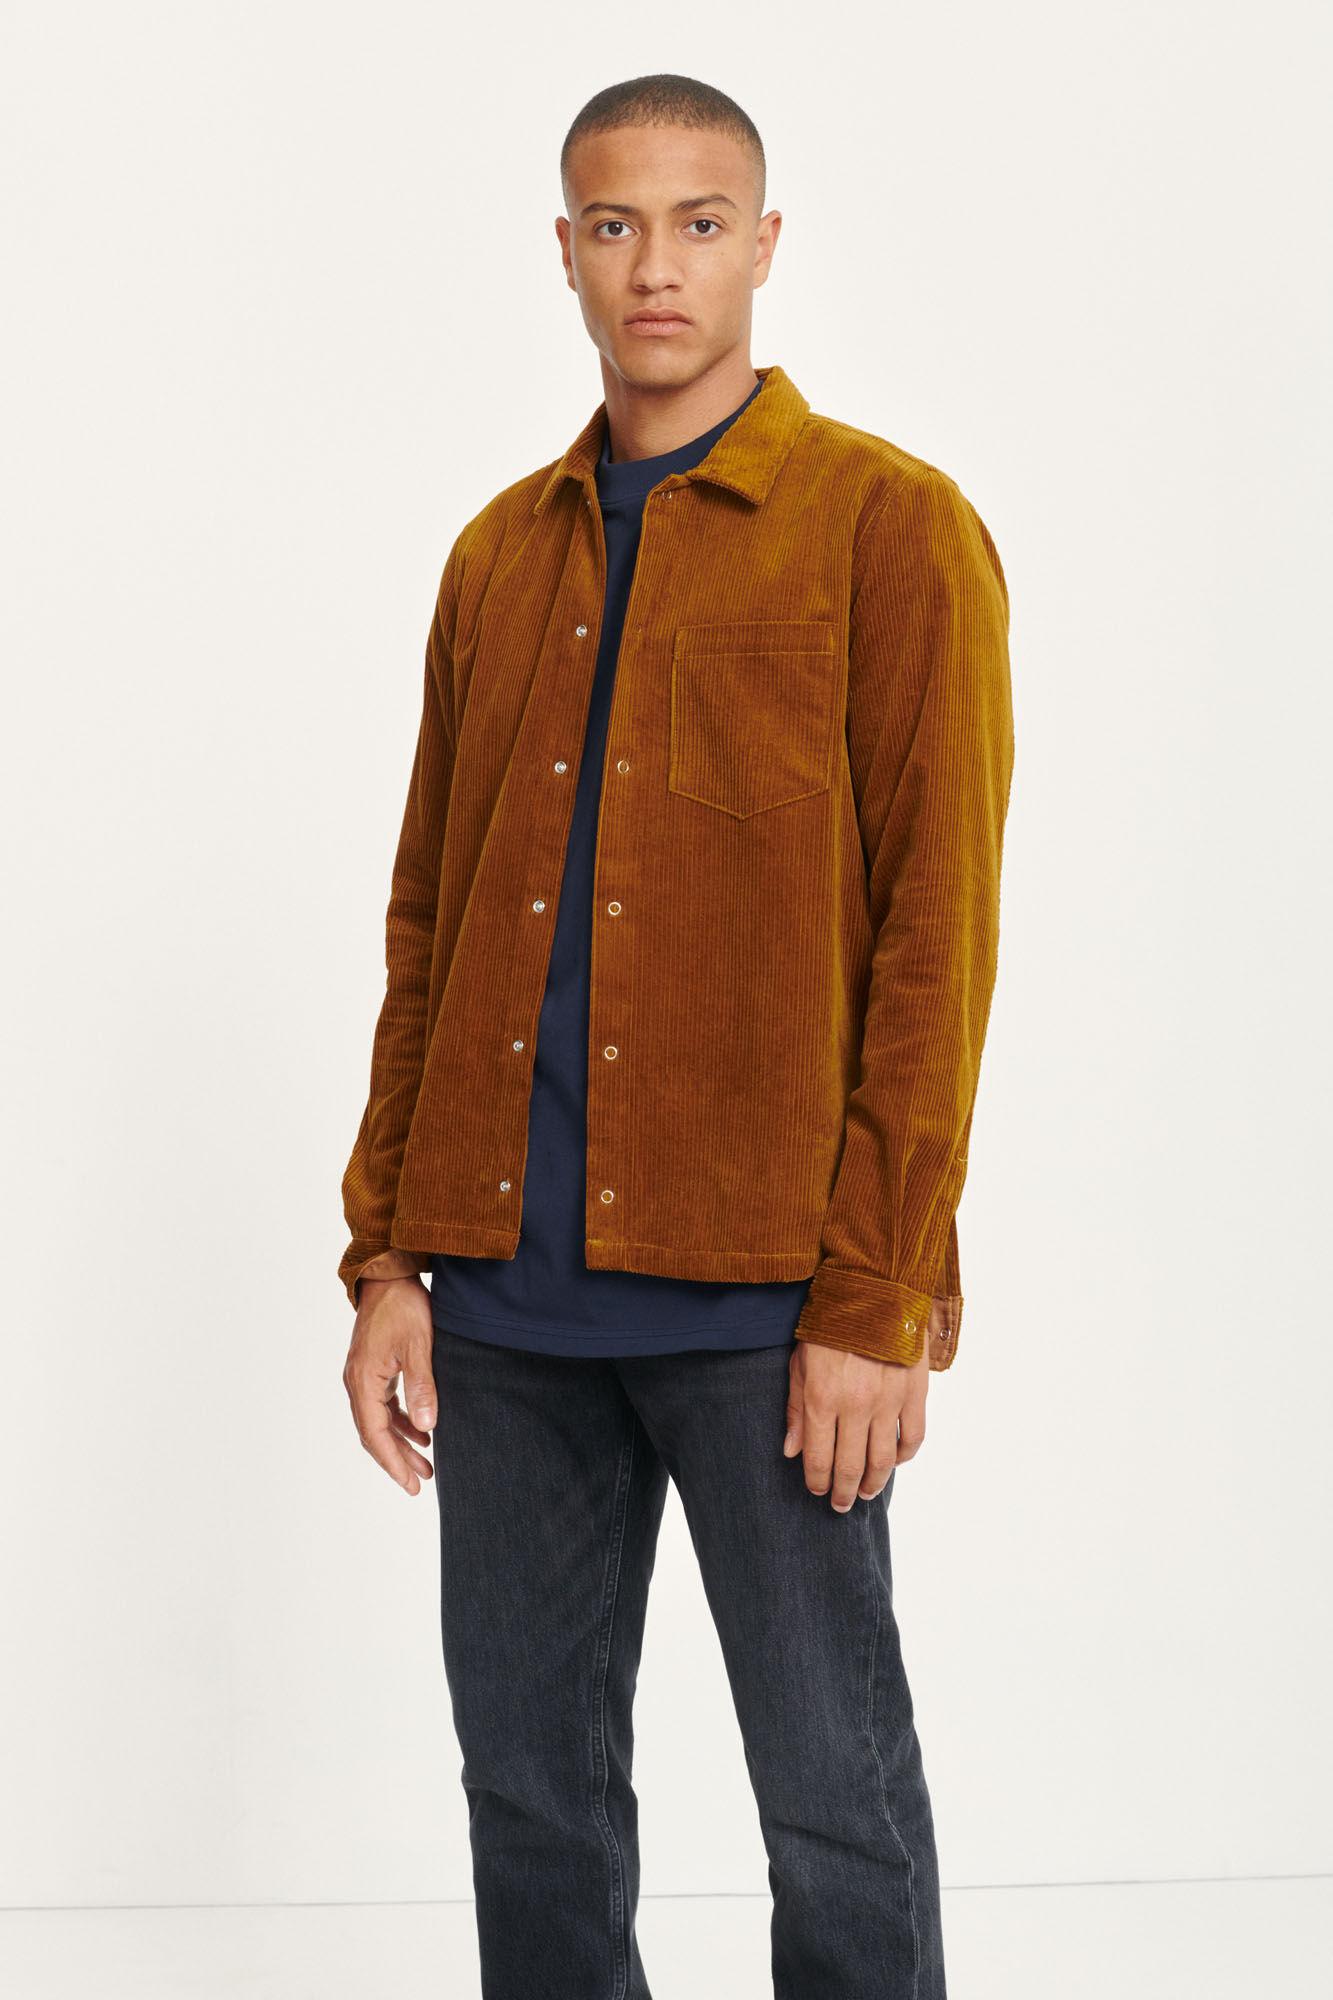 Ruffo JP shirt 12970